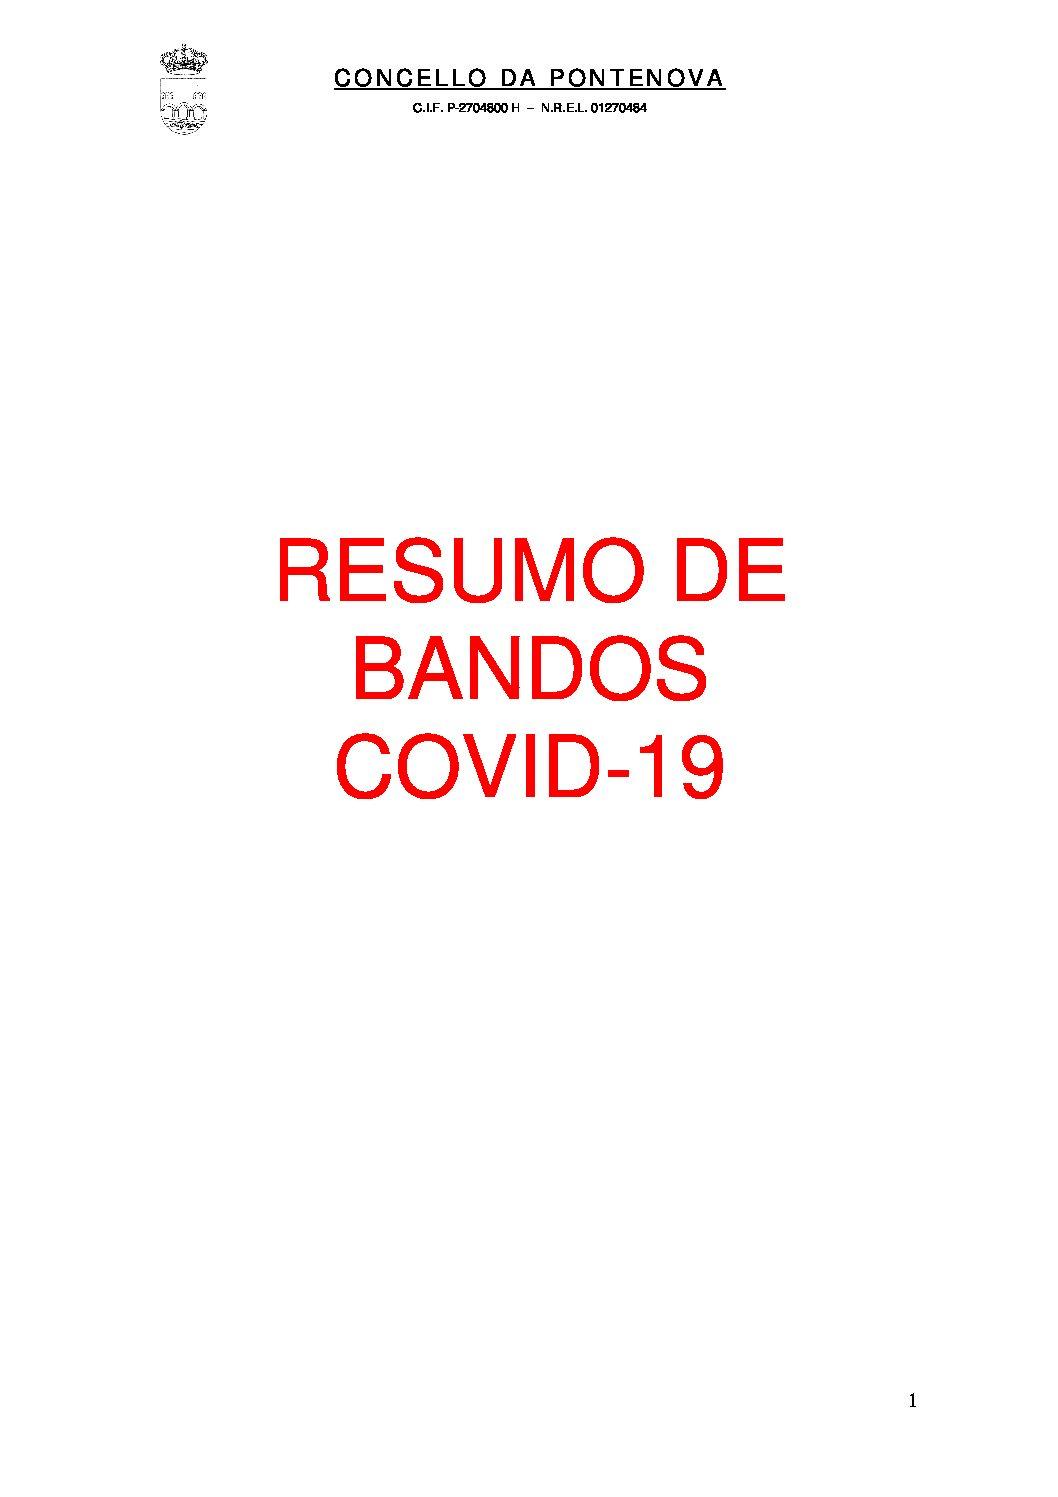 RESUMO BANDOS COVID-19